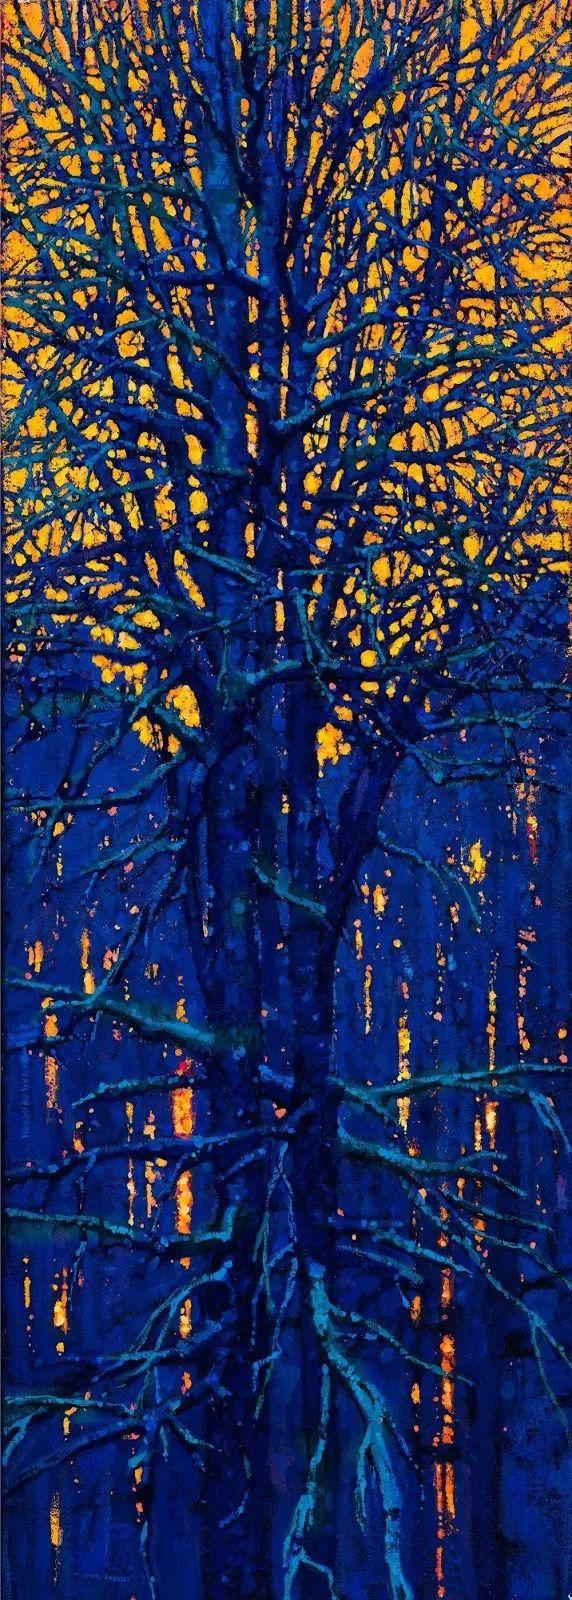 浓郁的色彩,俄罗斯艺术家帖木儿·阿赫列耶夫插图11